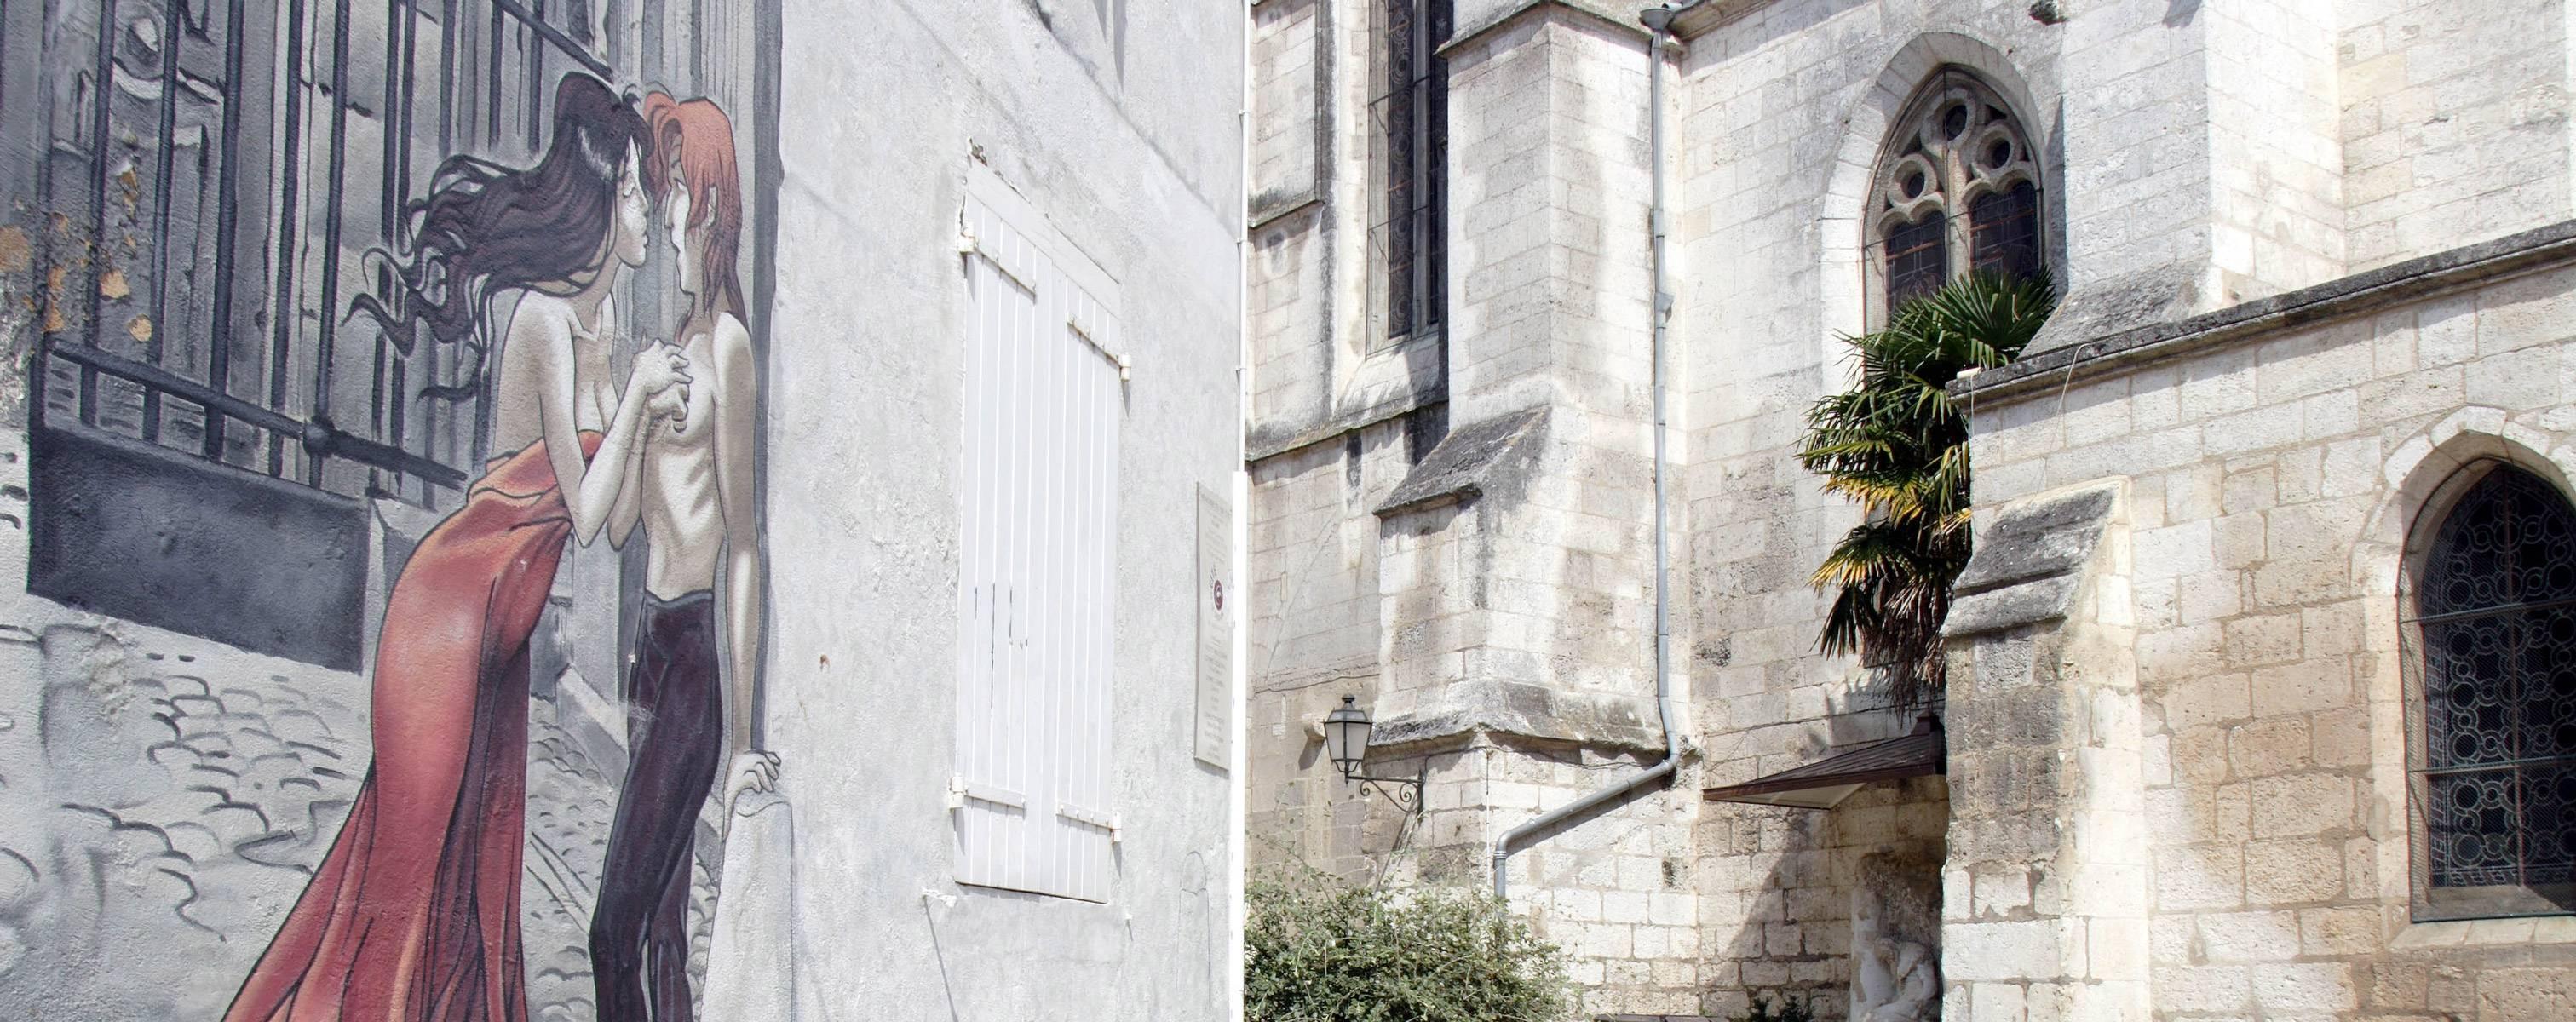 Mur peint - Mémoires du XXème siècle - © LAVAL Sébastien - Charente-Tourisme